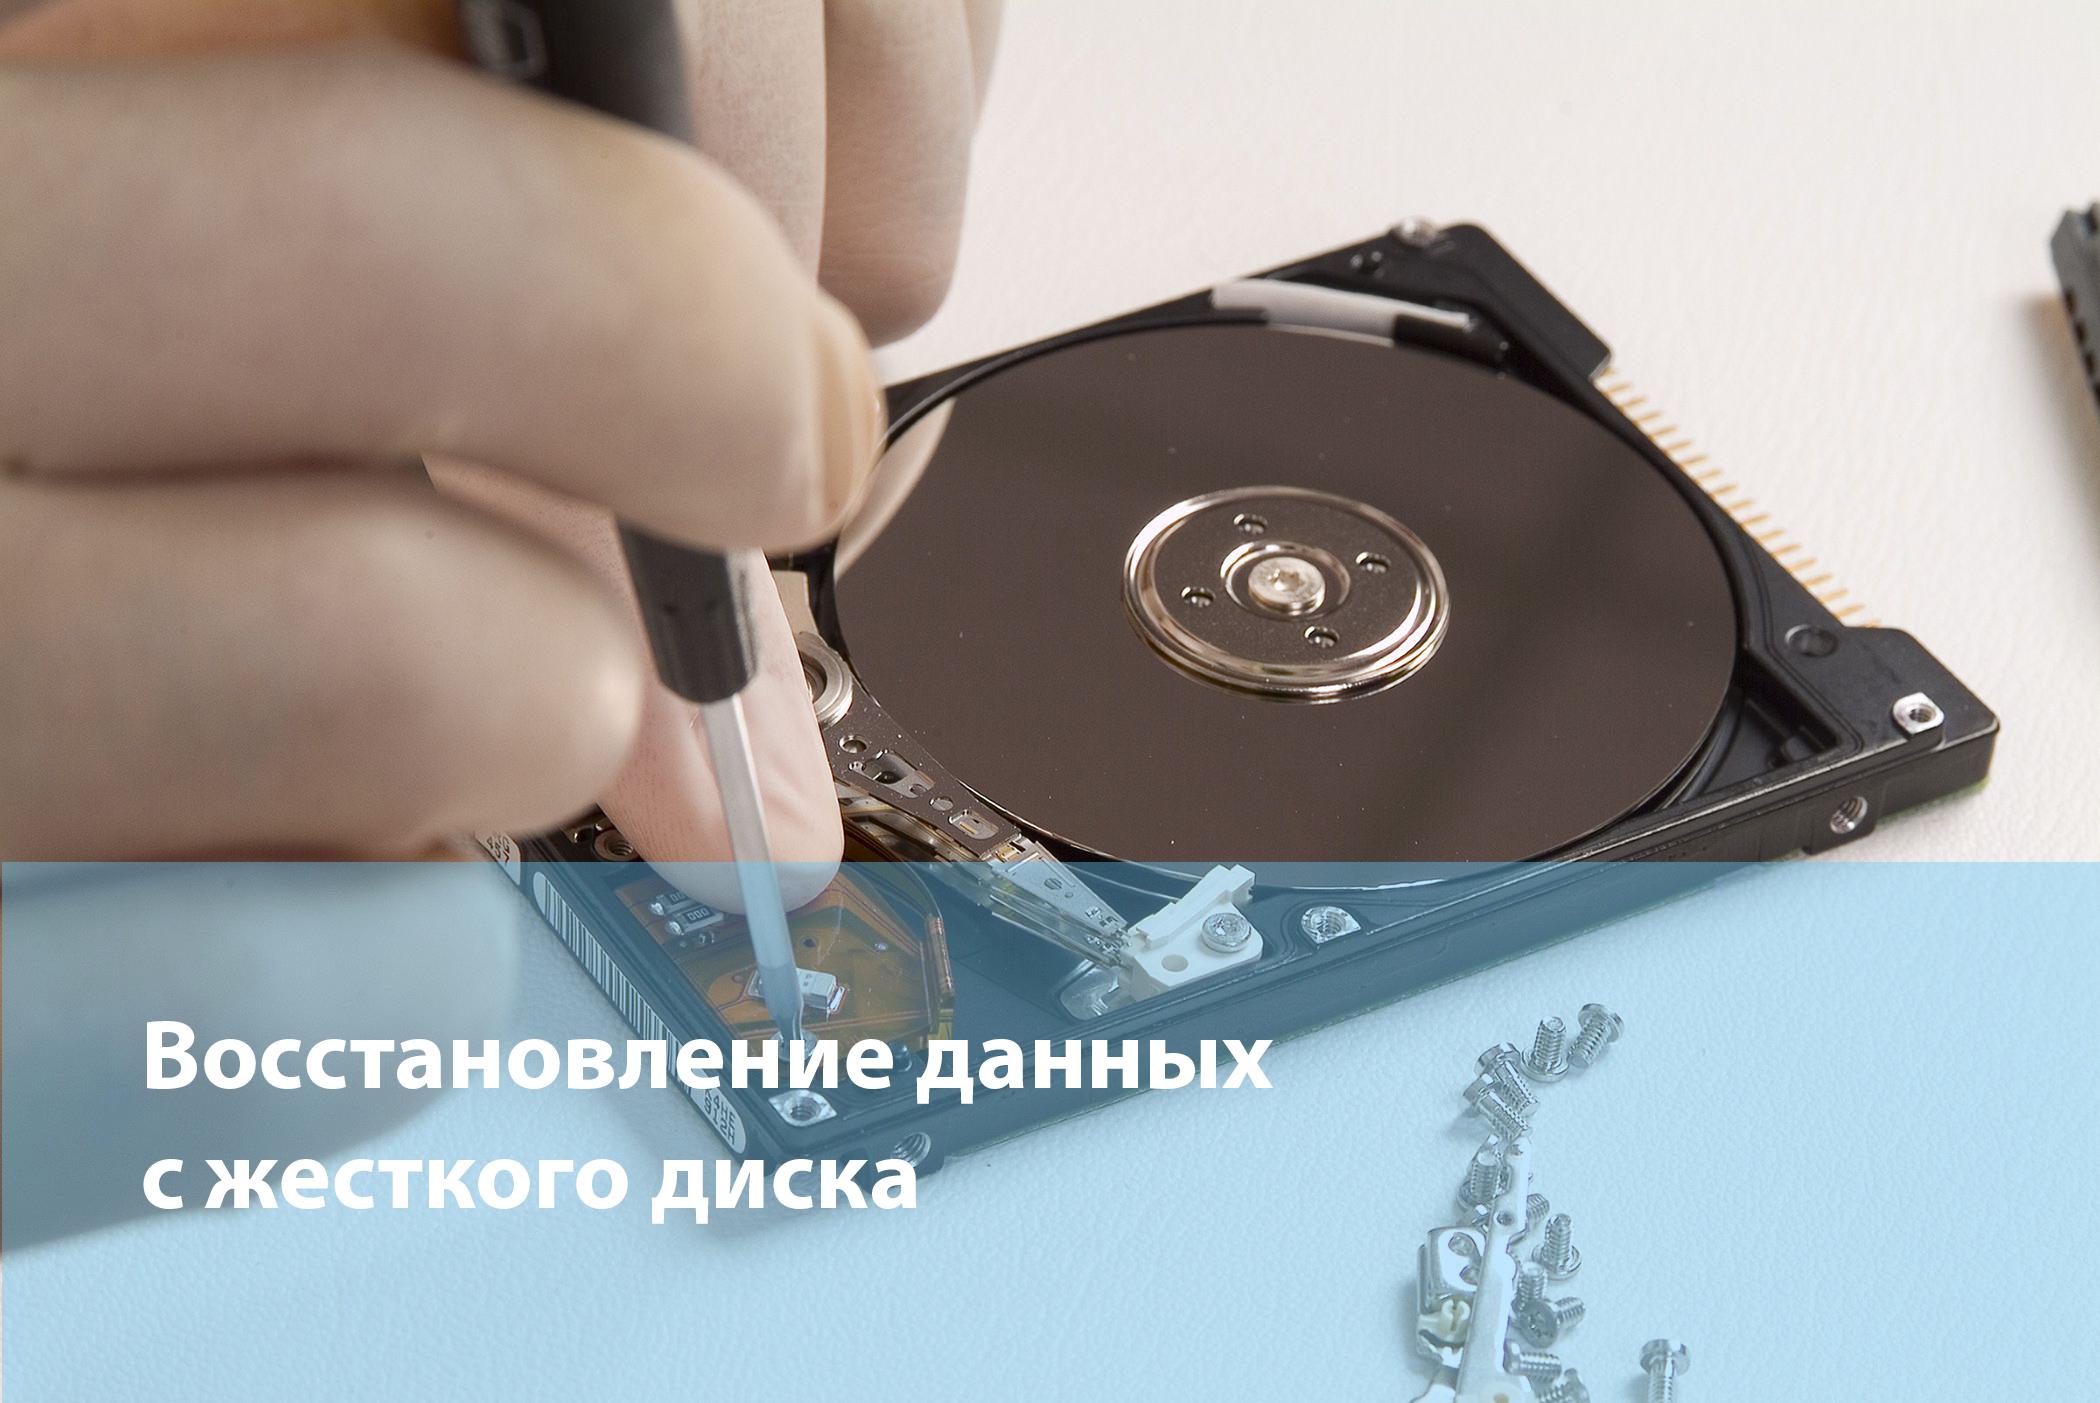 Как сделать загрузочным внешний USB HDD (жесткий диск) 4